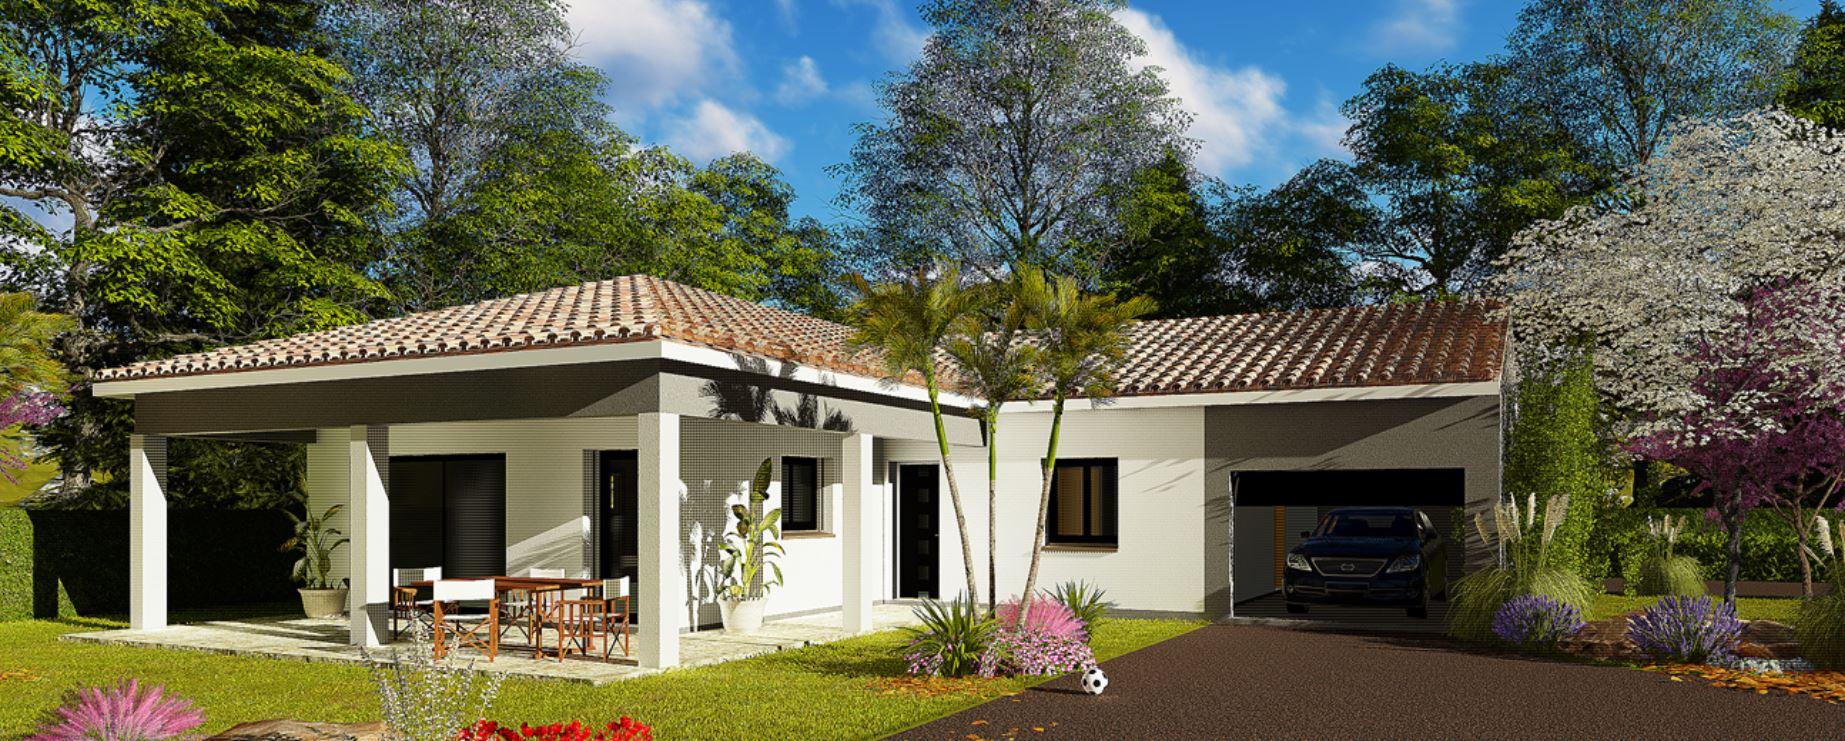 Maisons + Terrains du constructeur HABITAT SUD EST • 100 m² • SAINT PRIEST